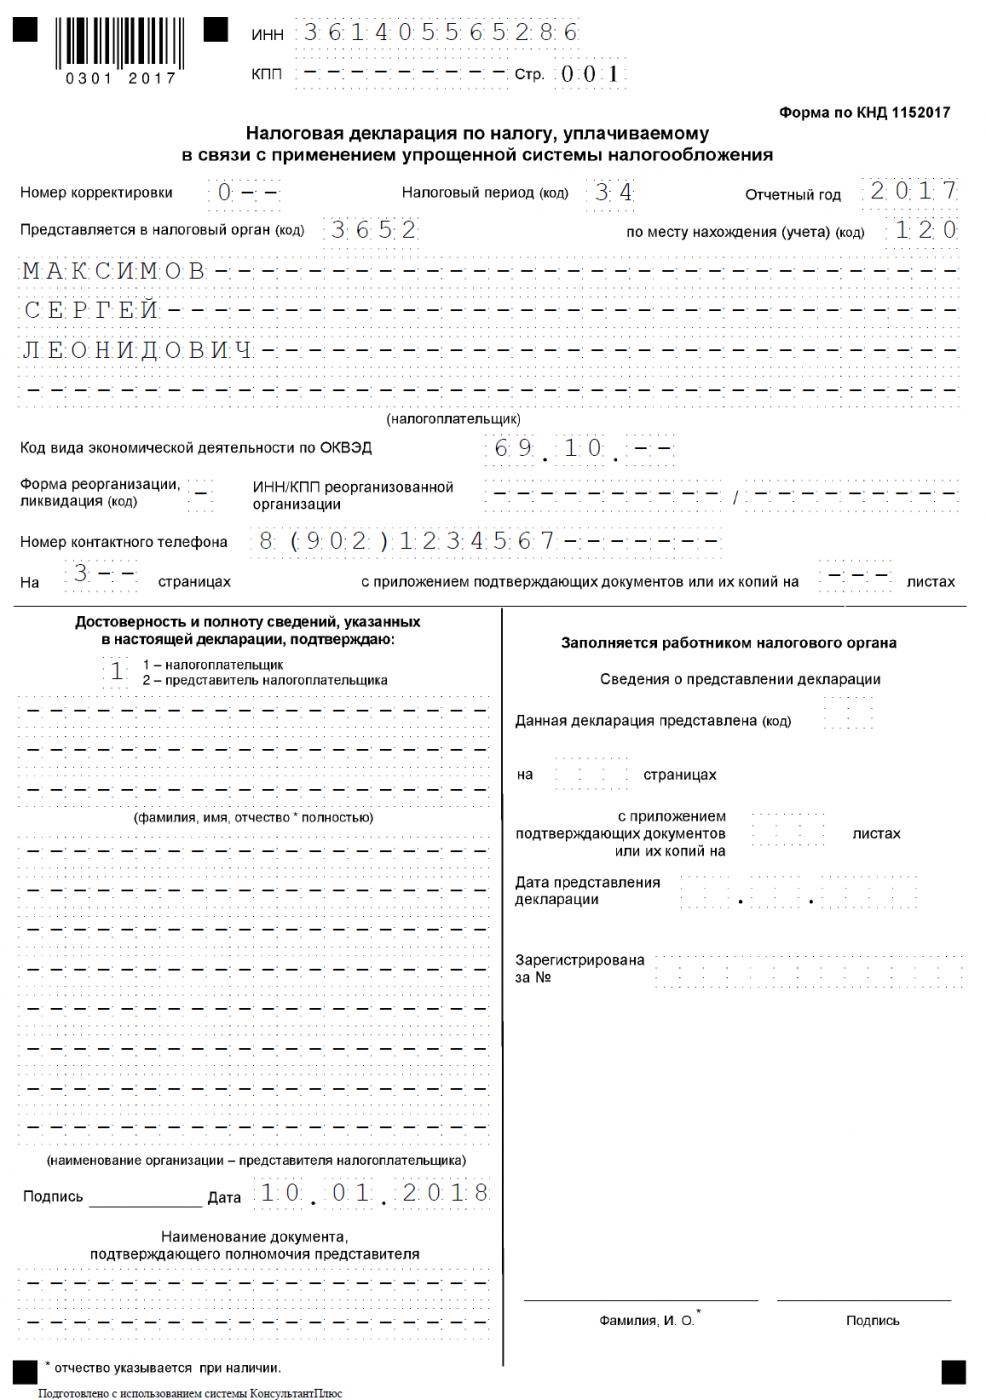 Налоговая декларация по УСН за год Образец заполнения и  Образец заполнения декларации по УСН Доходы за 2017 год титульный лист